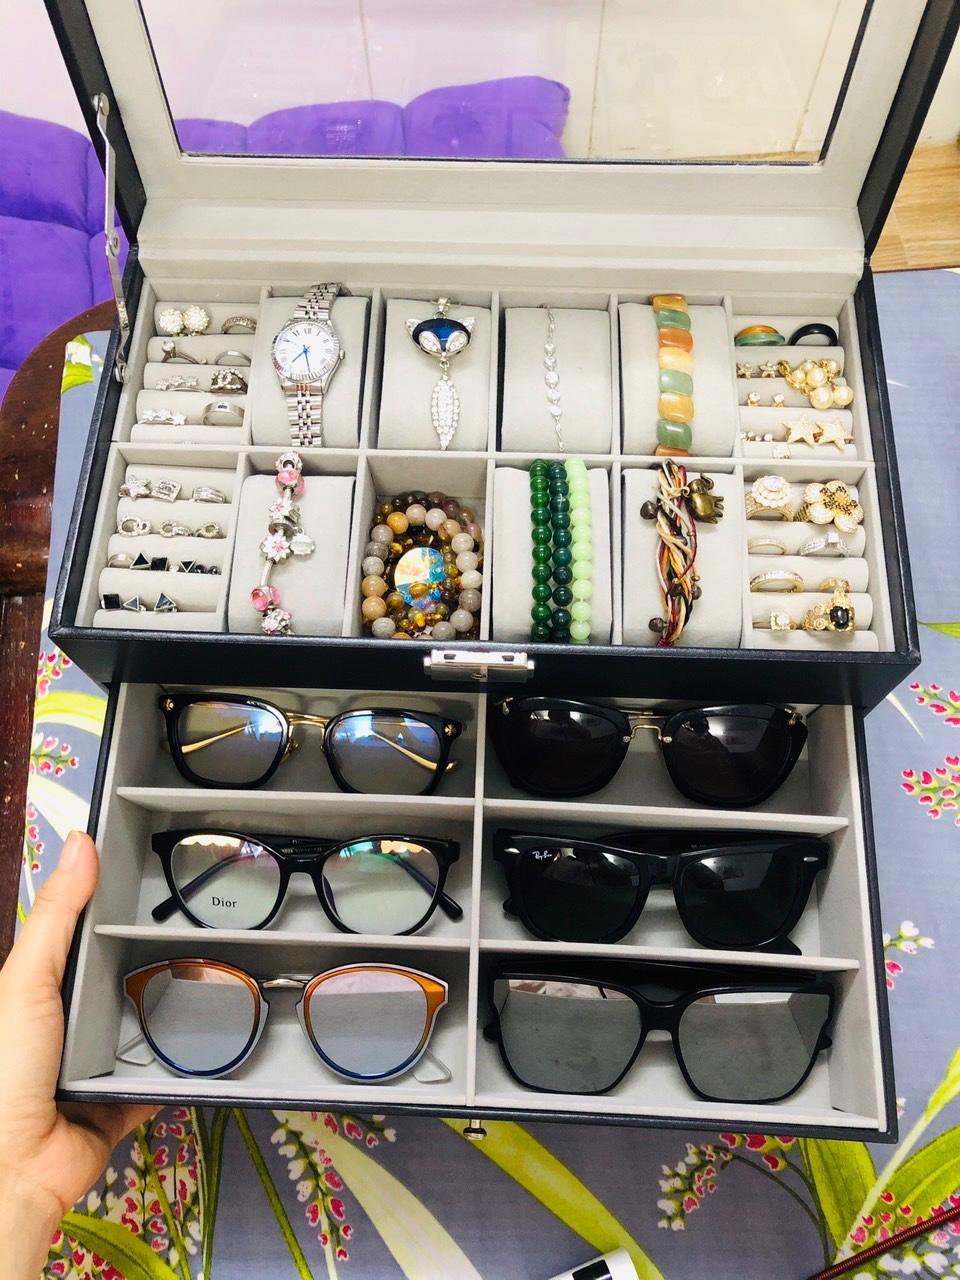 hộp đựng đồng hồ, mắt kính và trang sức 3 ngăn có nắp đậy